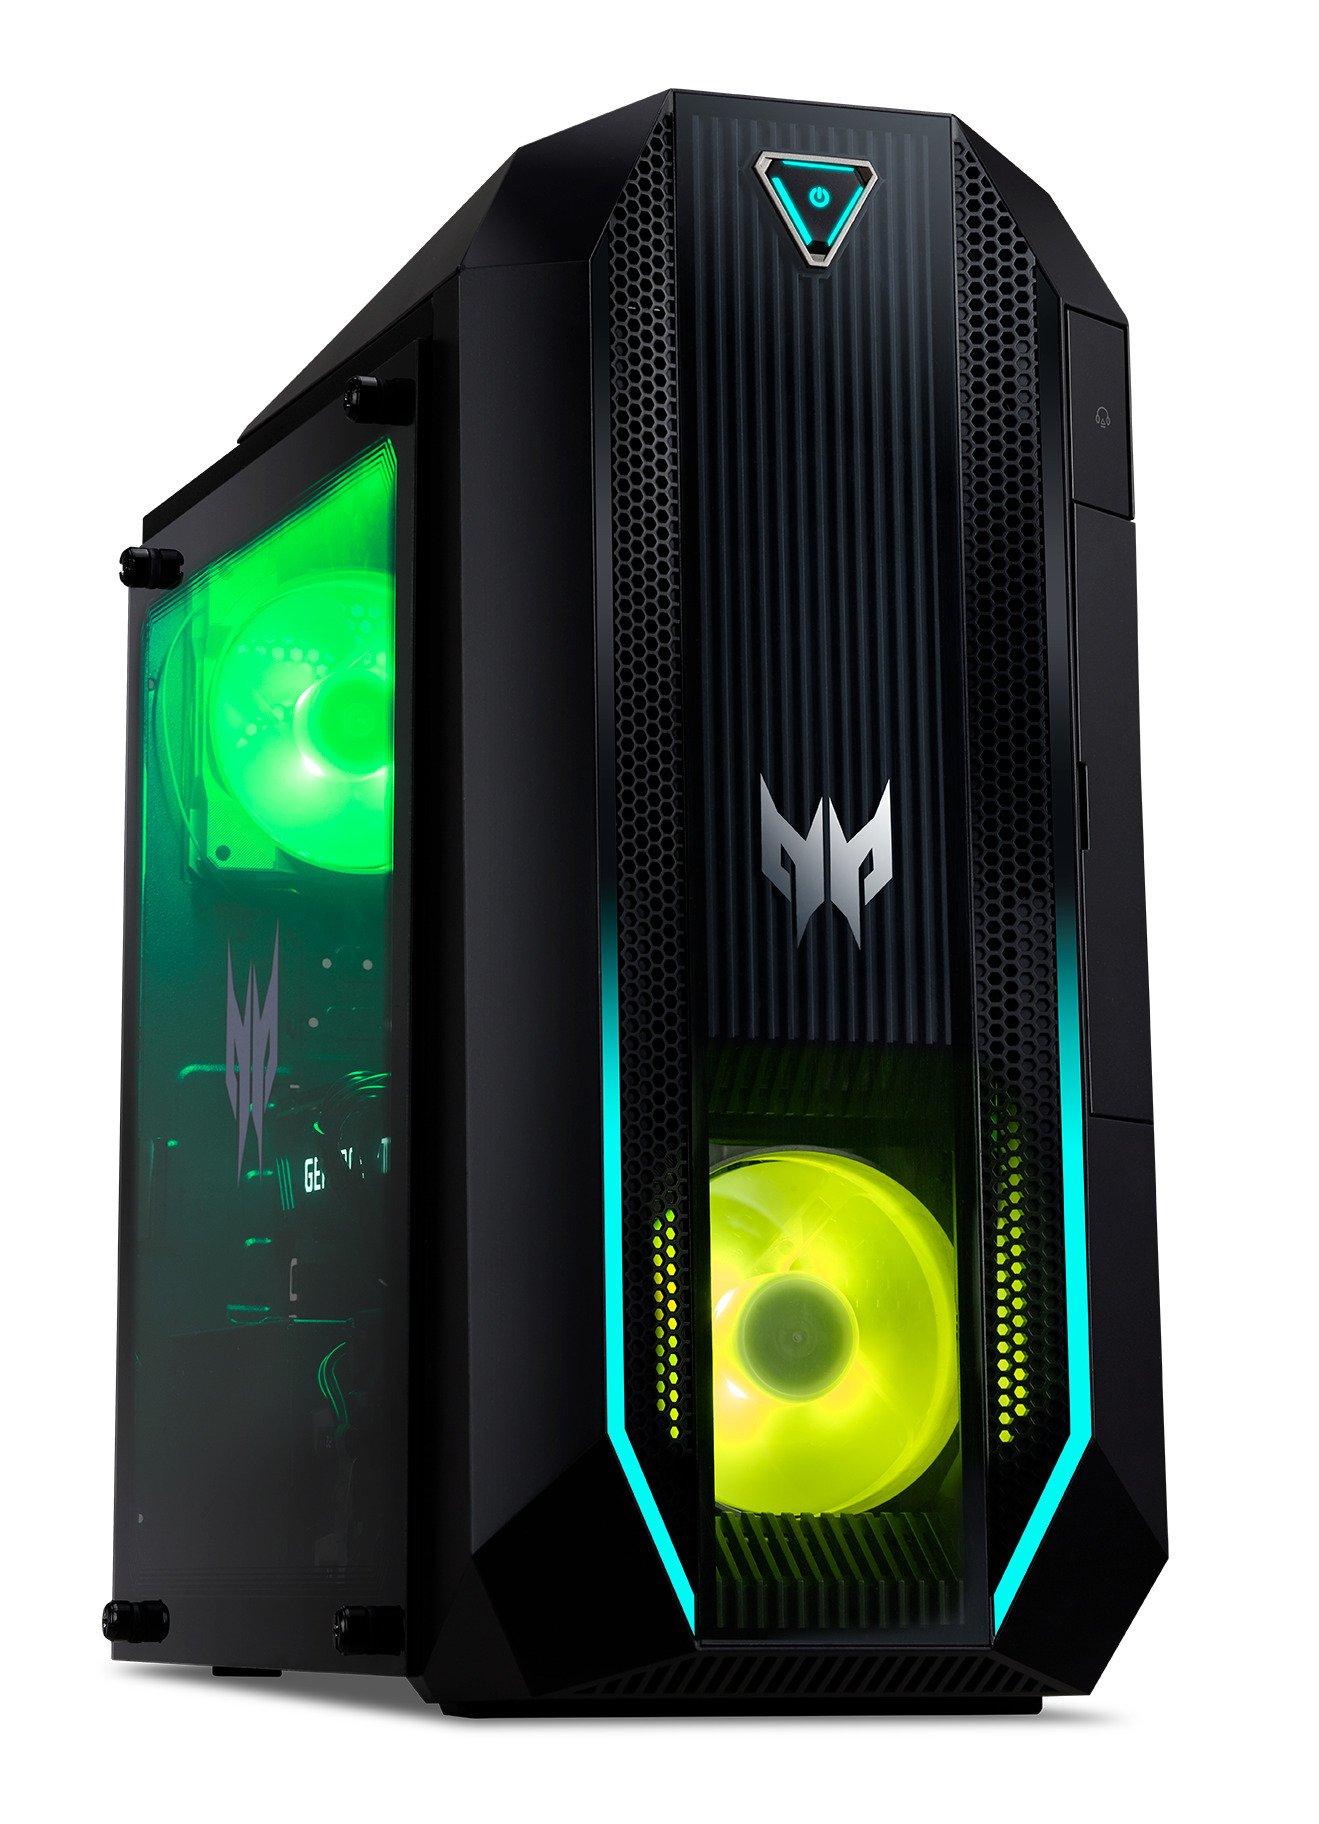 Nadchodzą! Nowe gotowe zestawy PC: Acer Nitro oraz Predator